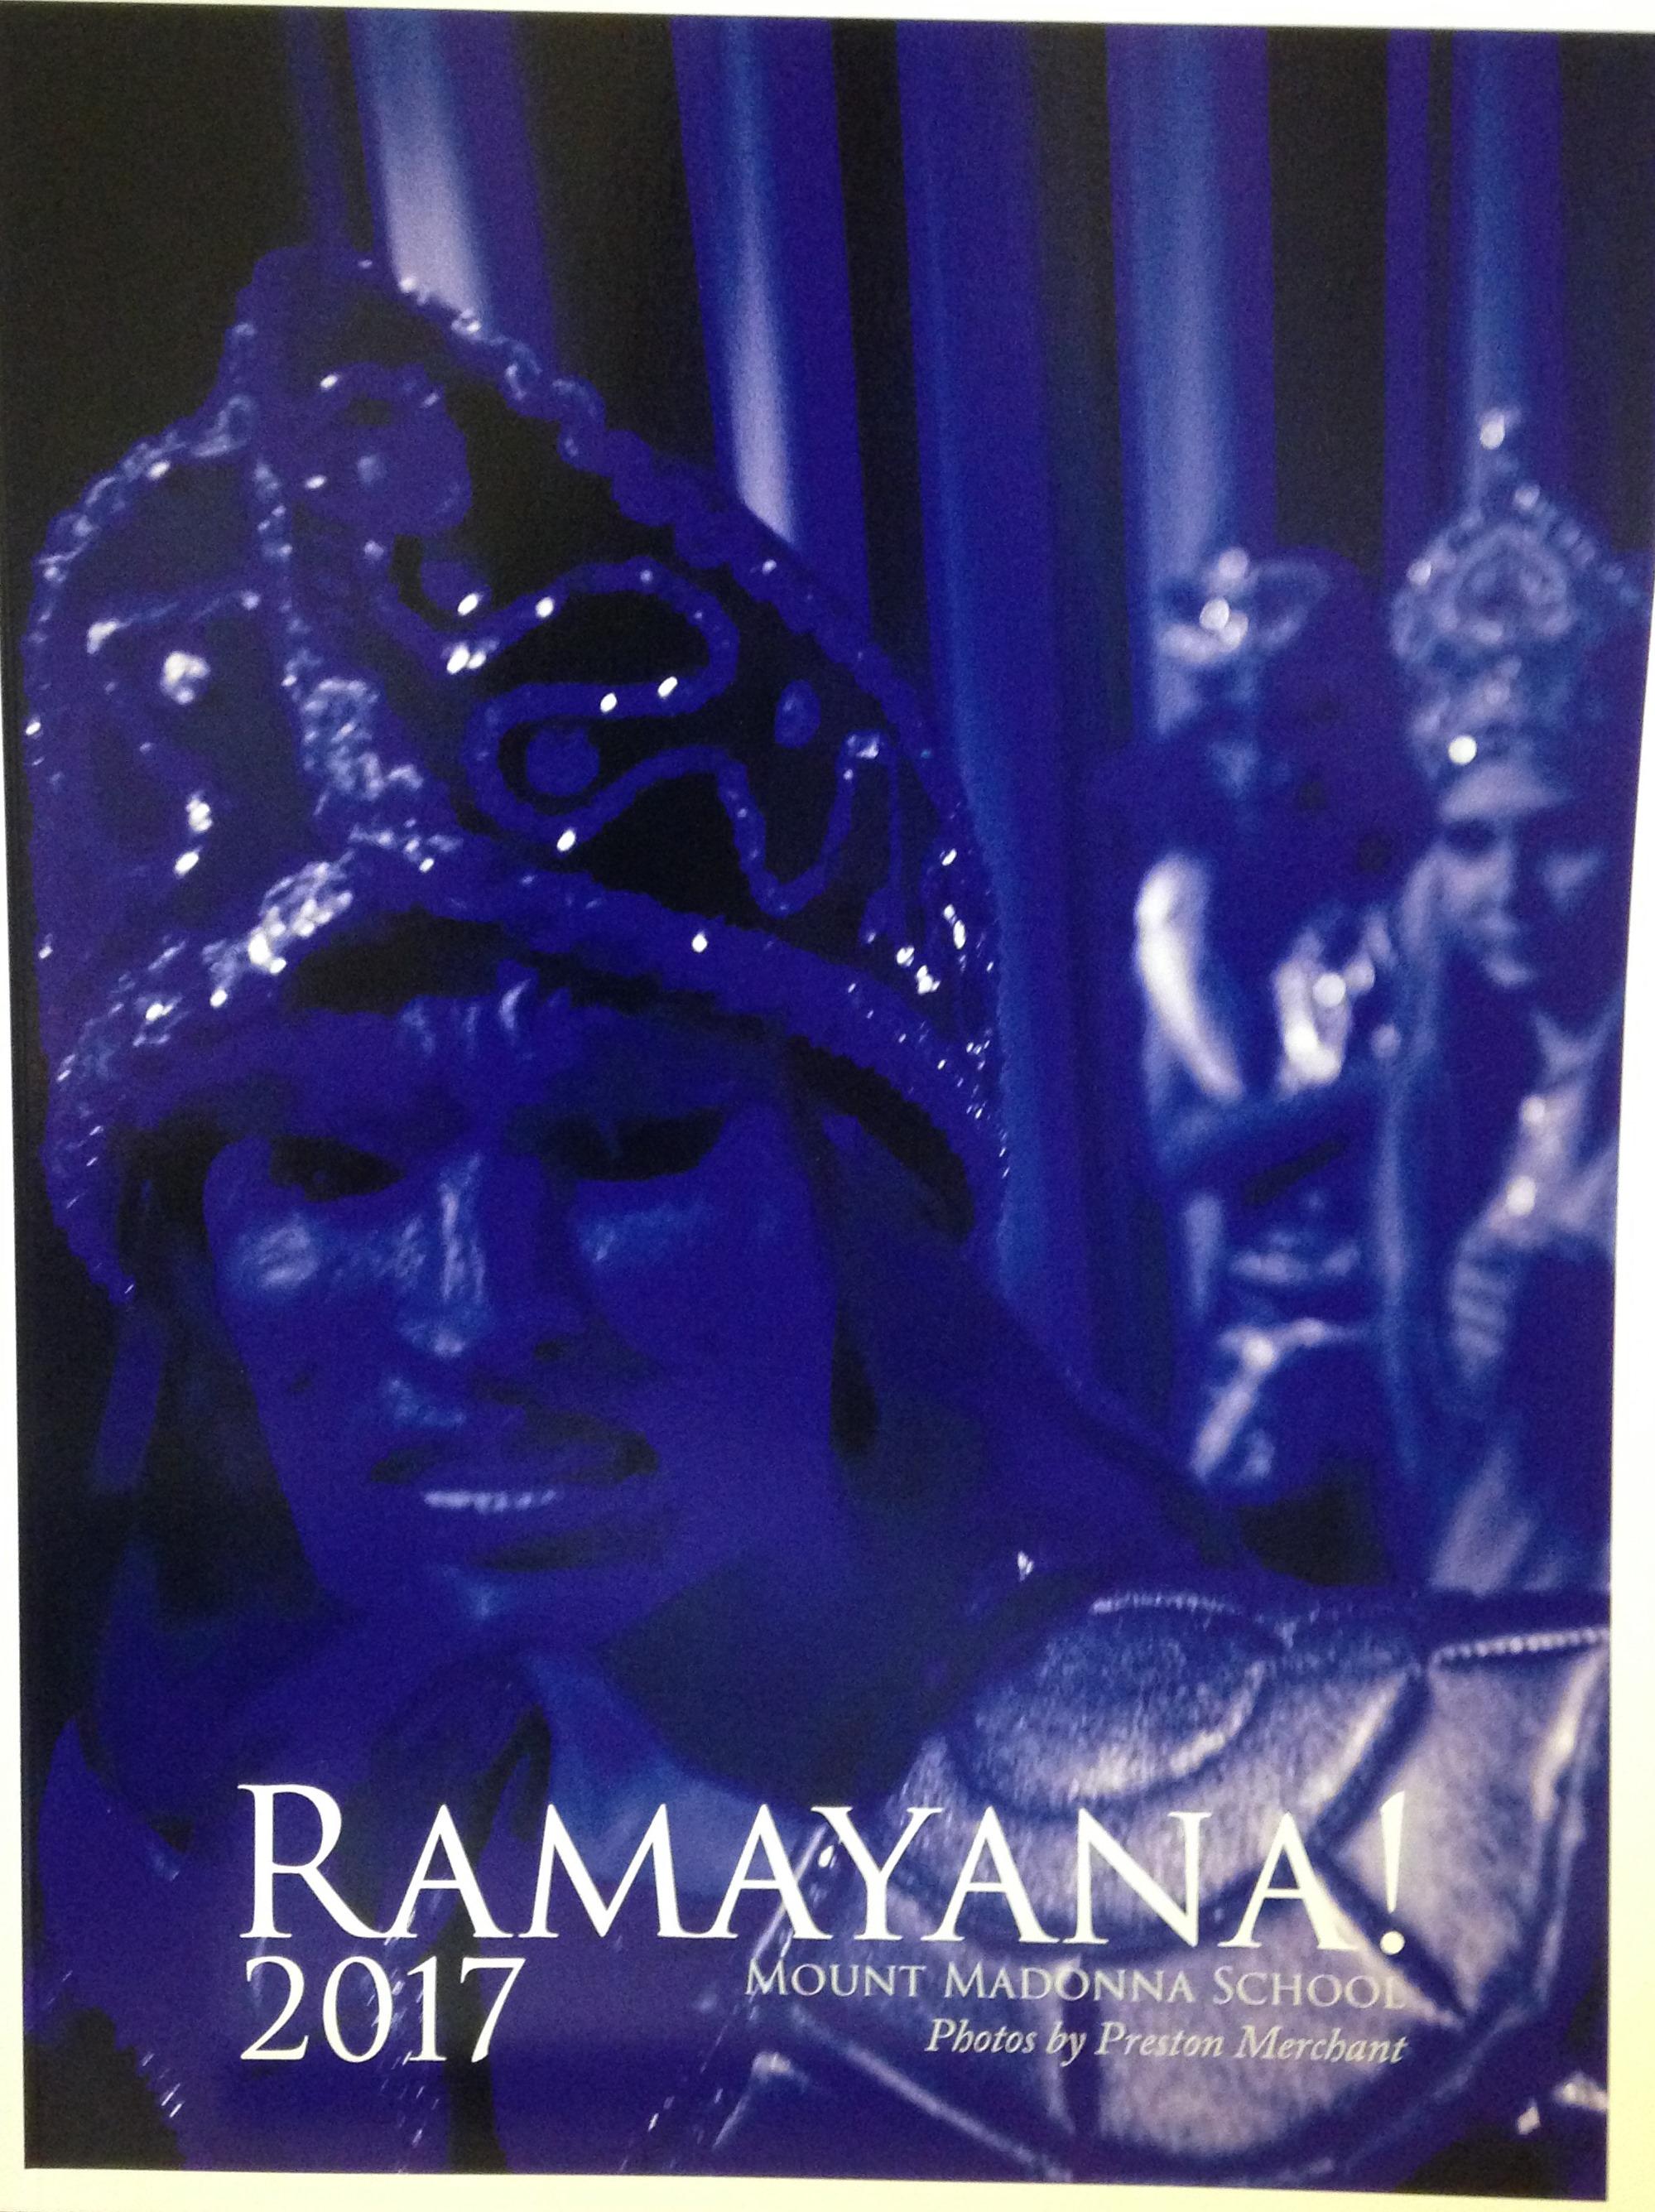 2017 Ramayana Photo Book